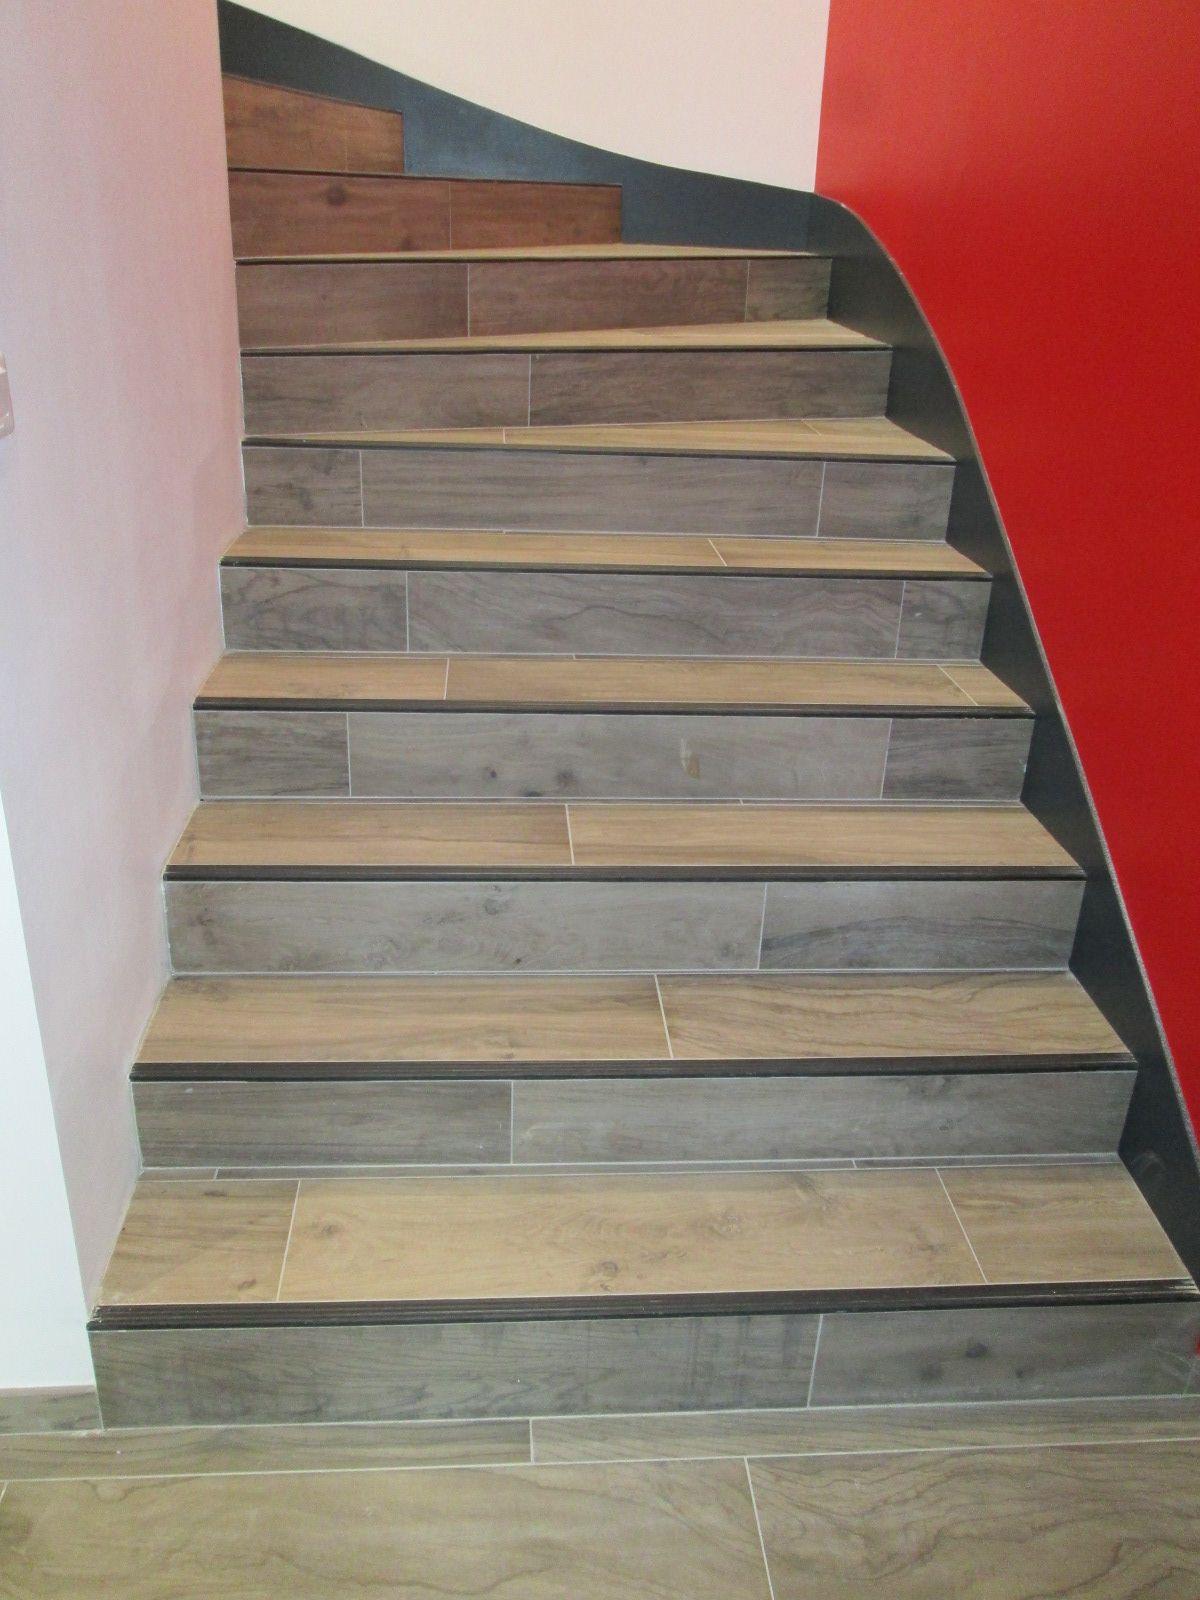 Plan De Travail A Carreler Exterieur carrelage exterieur escalier refaire un escalier en lames de